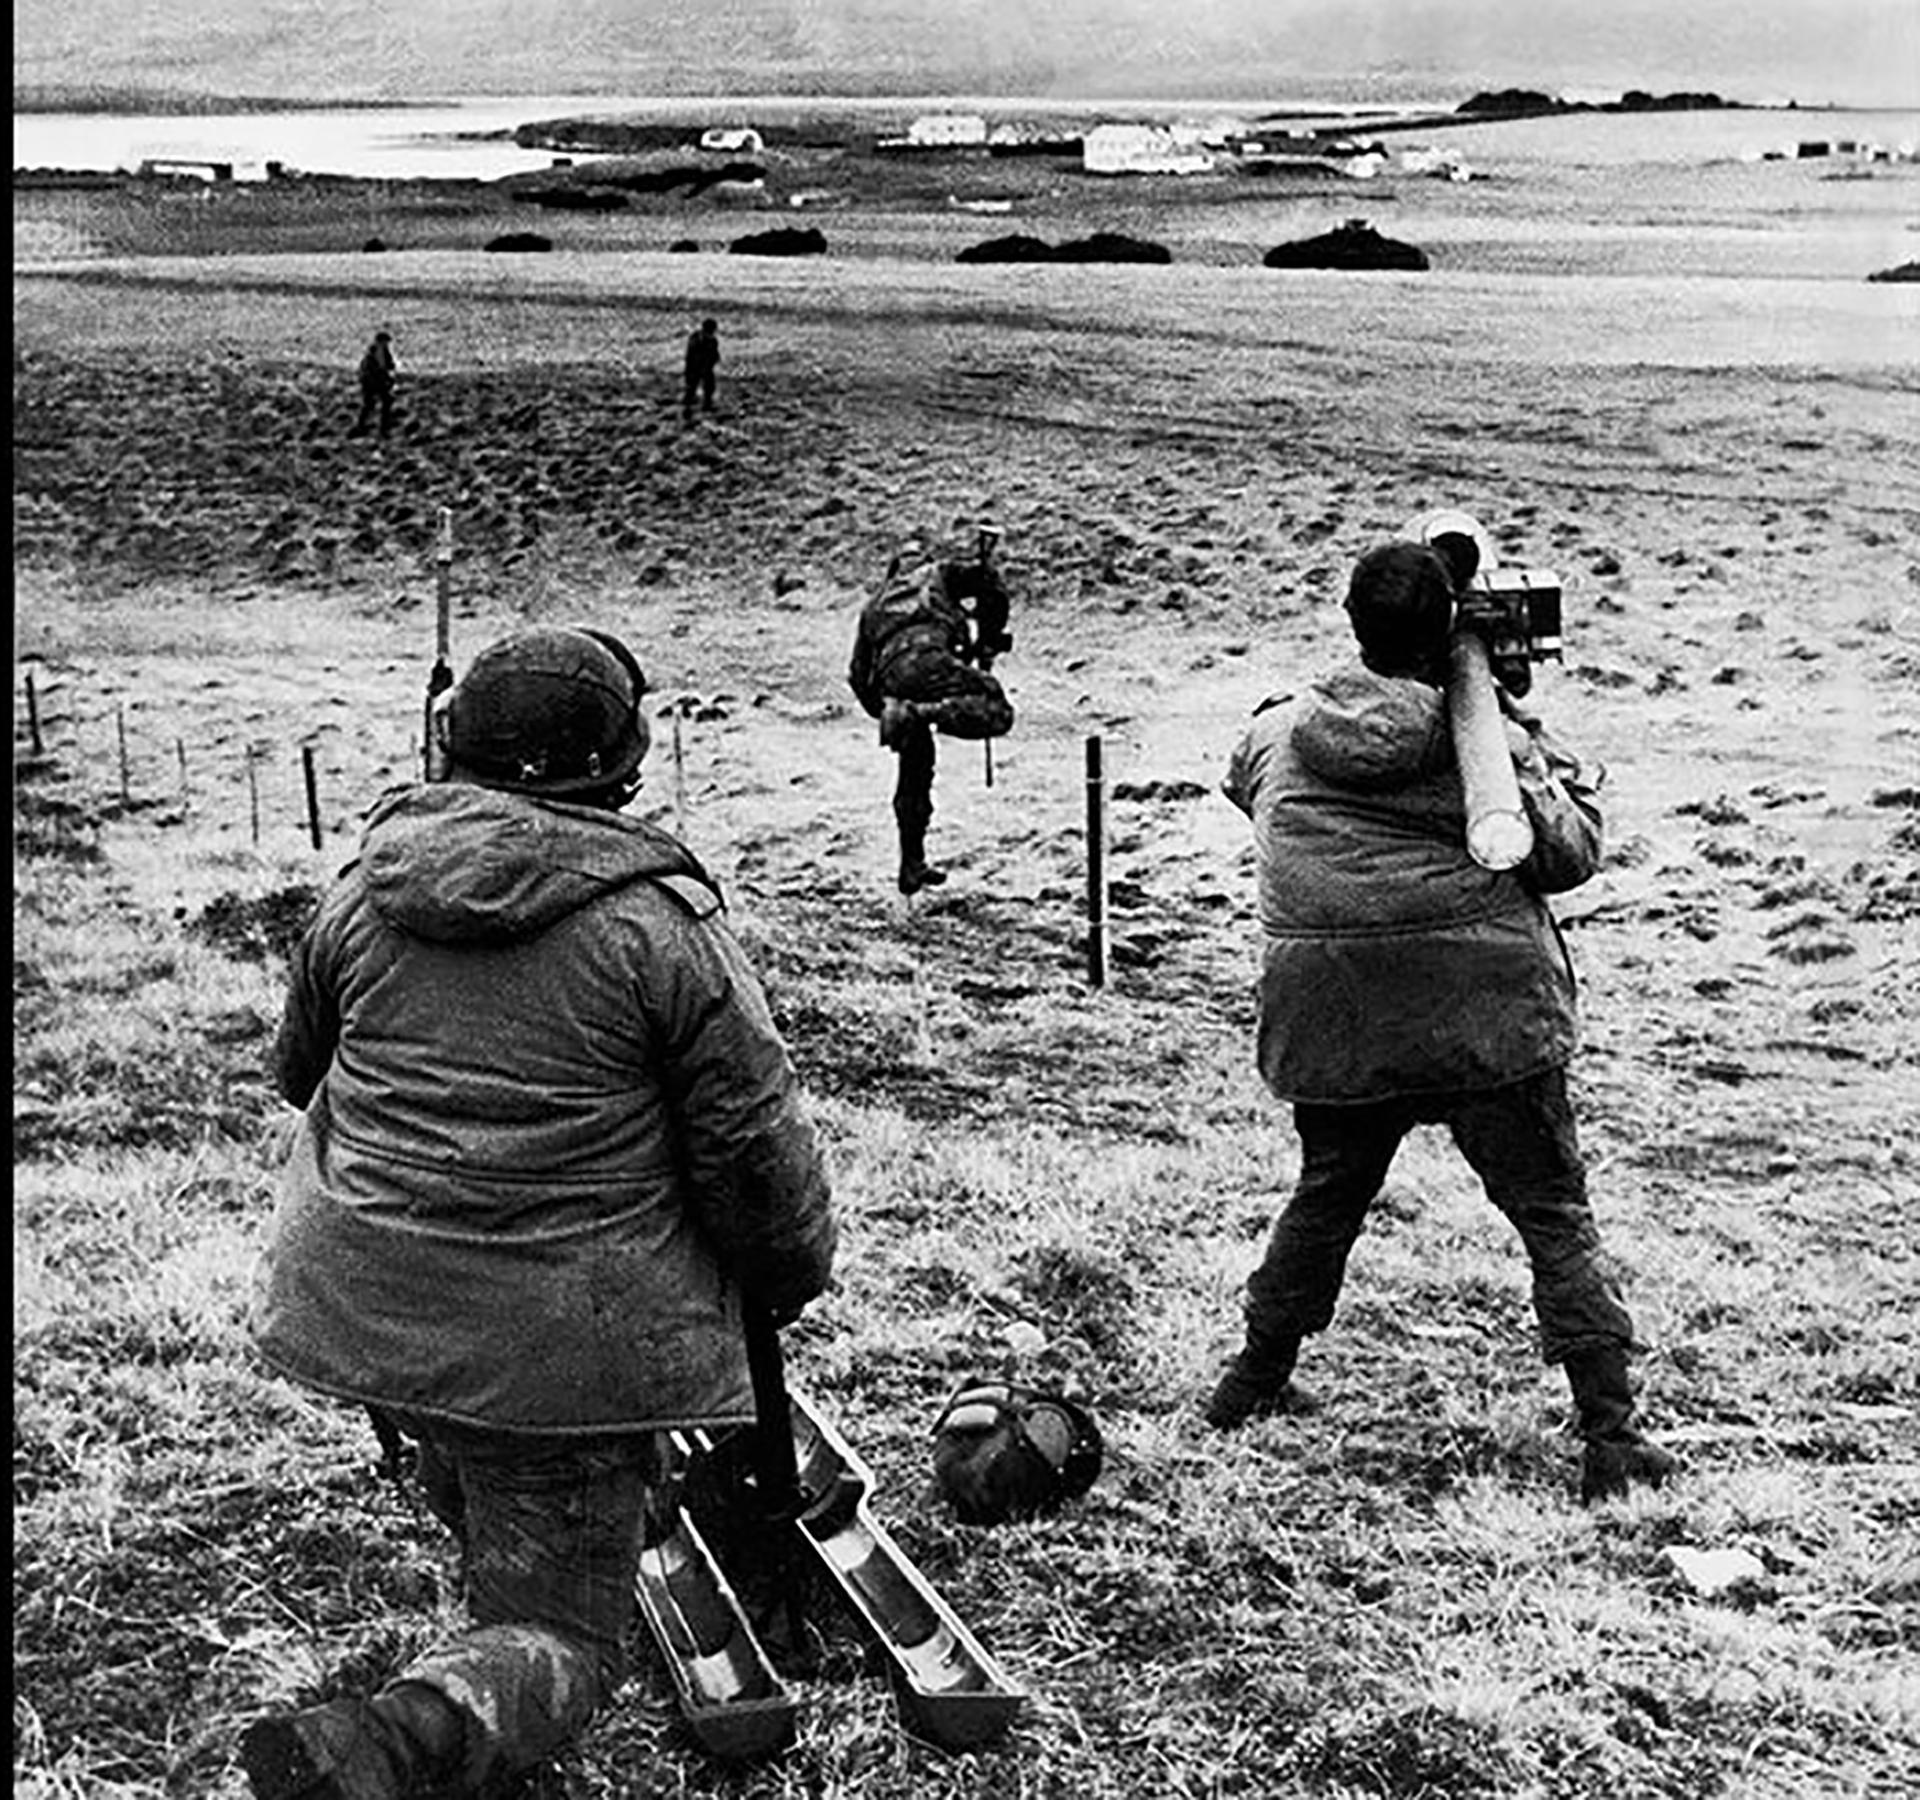 Militares argentinos de la Compañía 601 toman su posición en el estrecho de San Carlos, que separa las dos islas principales de las Malvinas, la Soledad y la Gran Malvina. Mayo de 1982